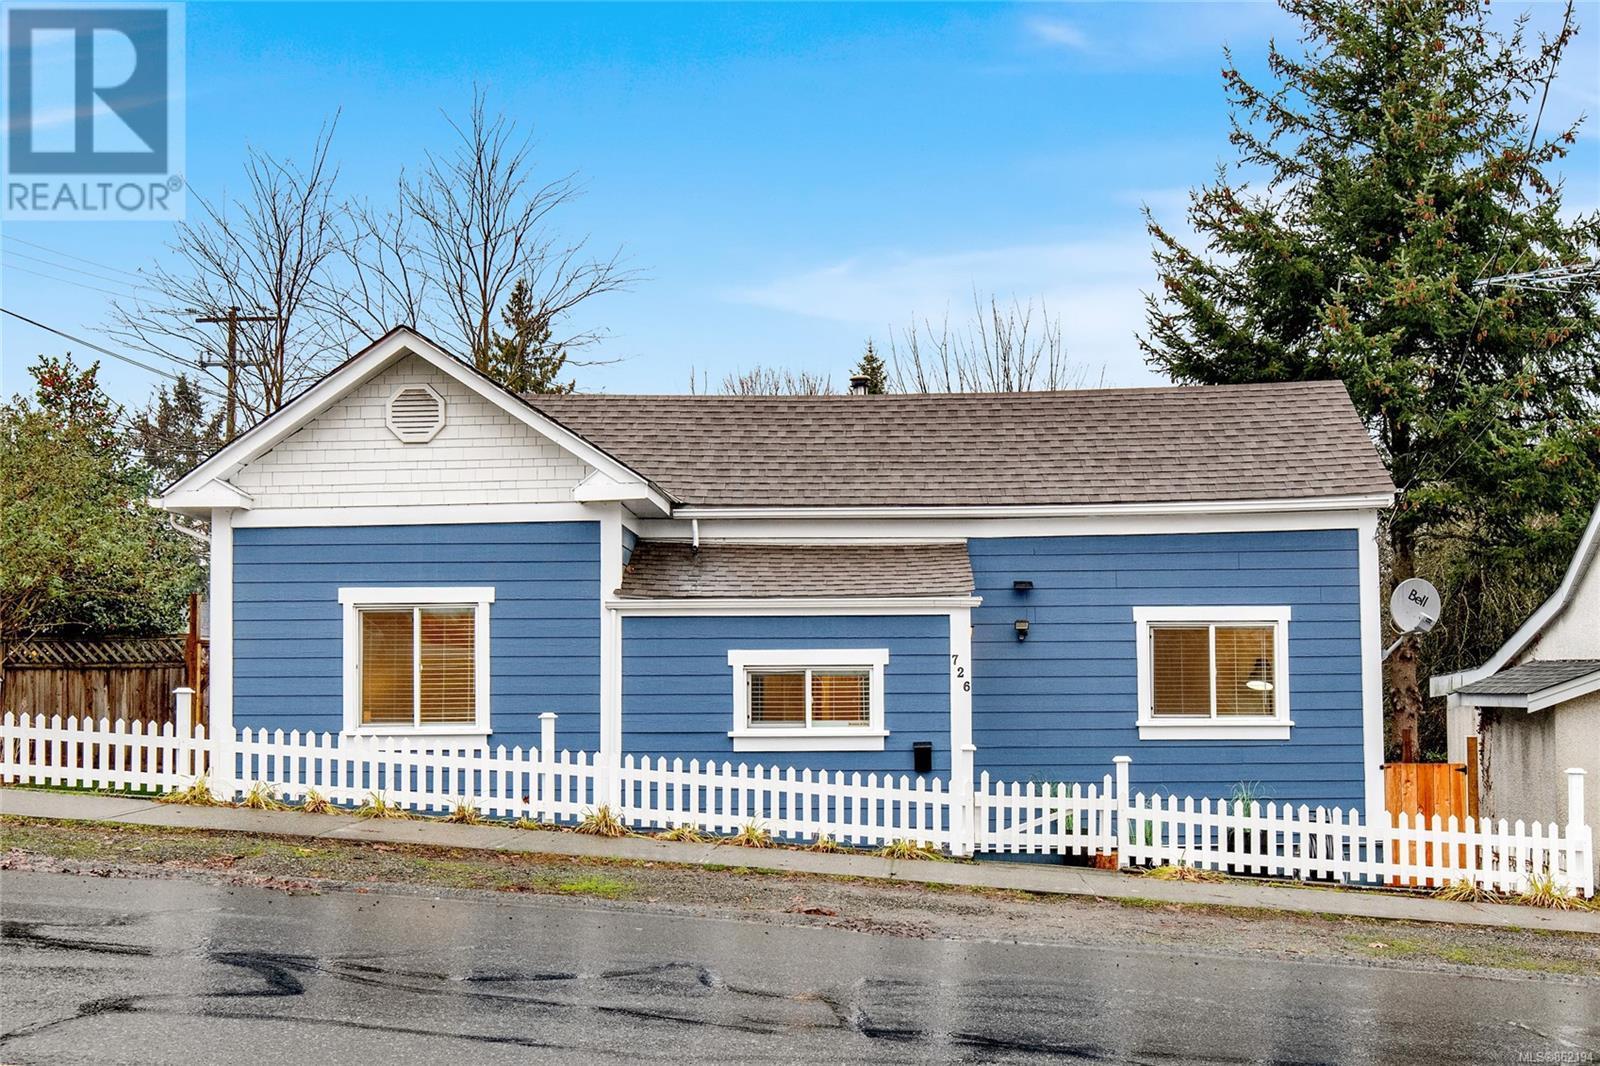 726 Fitzwilliam St, Nanaimo, British Columbia  V9R 3B6 - Photo 2 - 862194